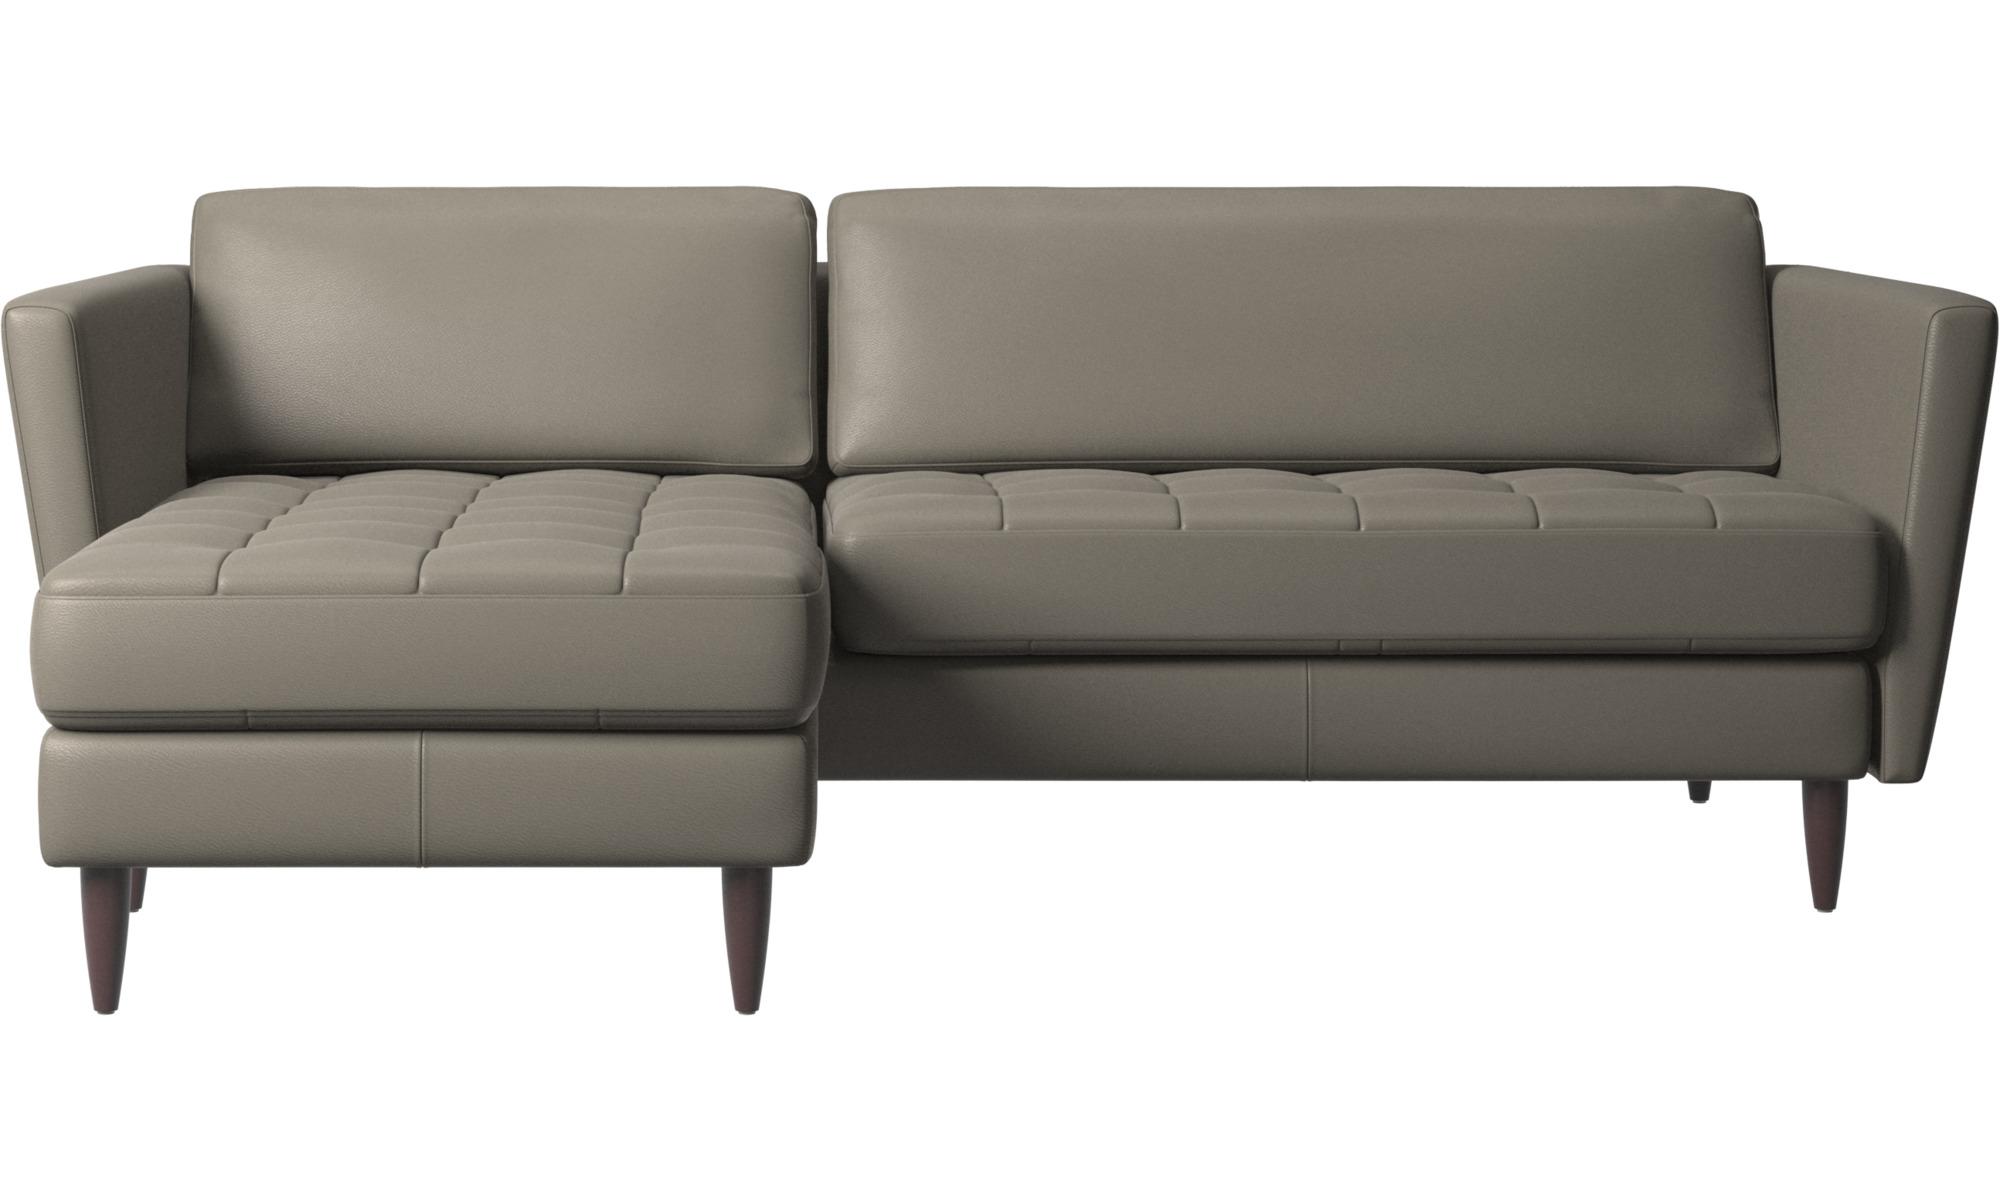 Sofaer med chaiselong - Osaka sofa med hvilemodul, tuftet sædehynde - Grå - Læder